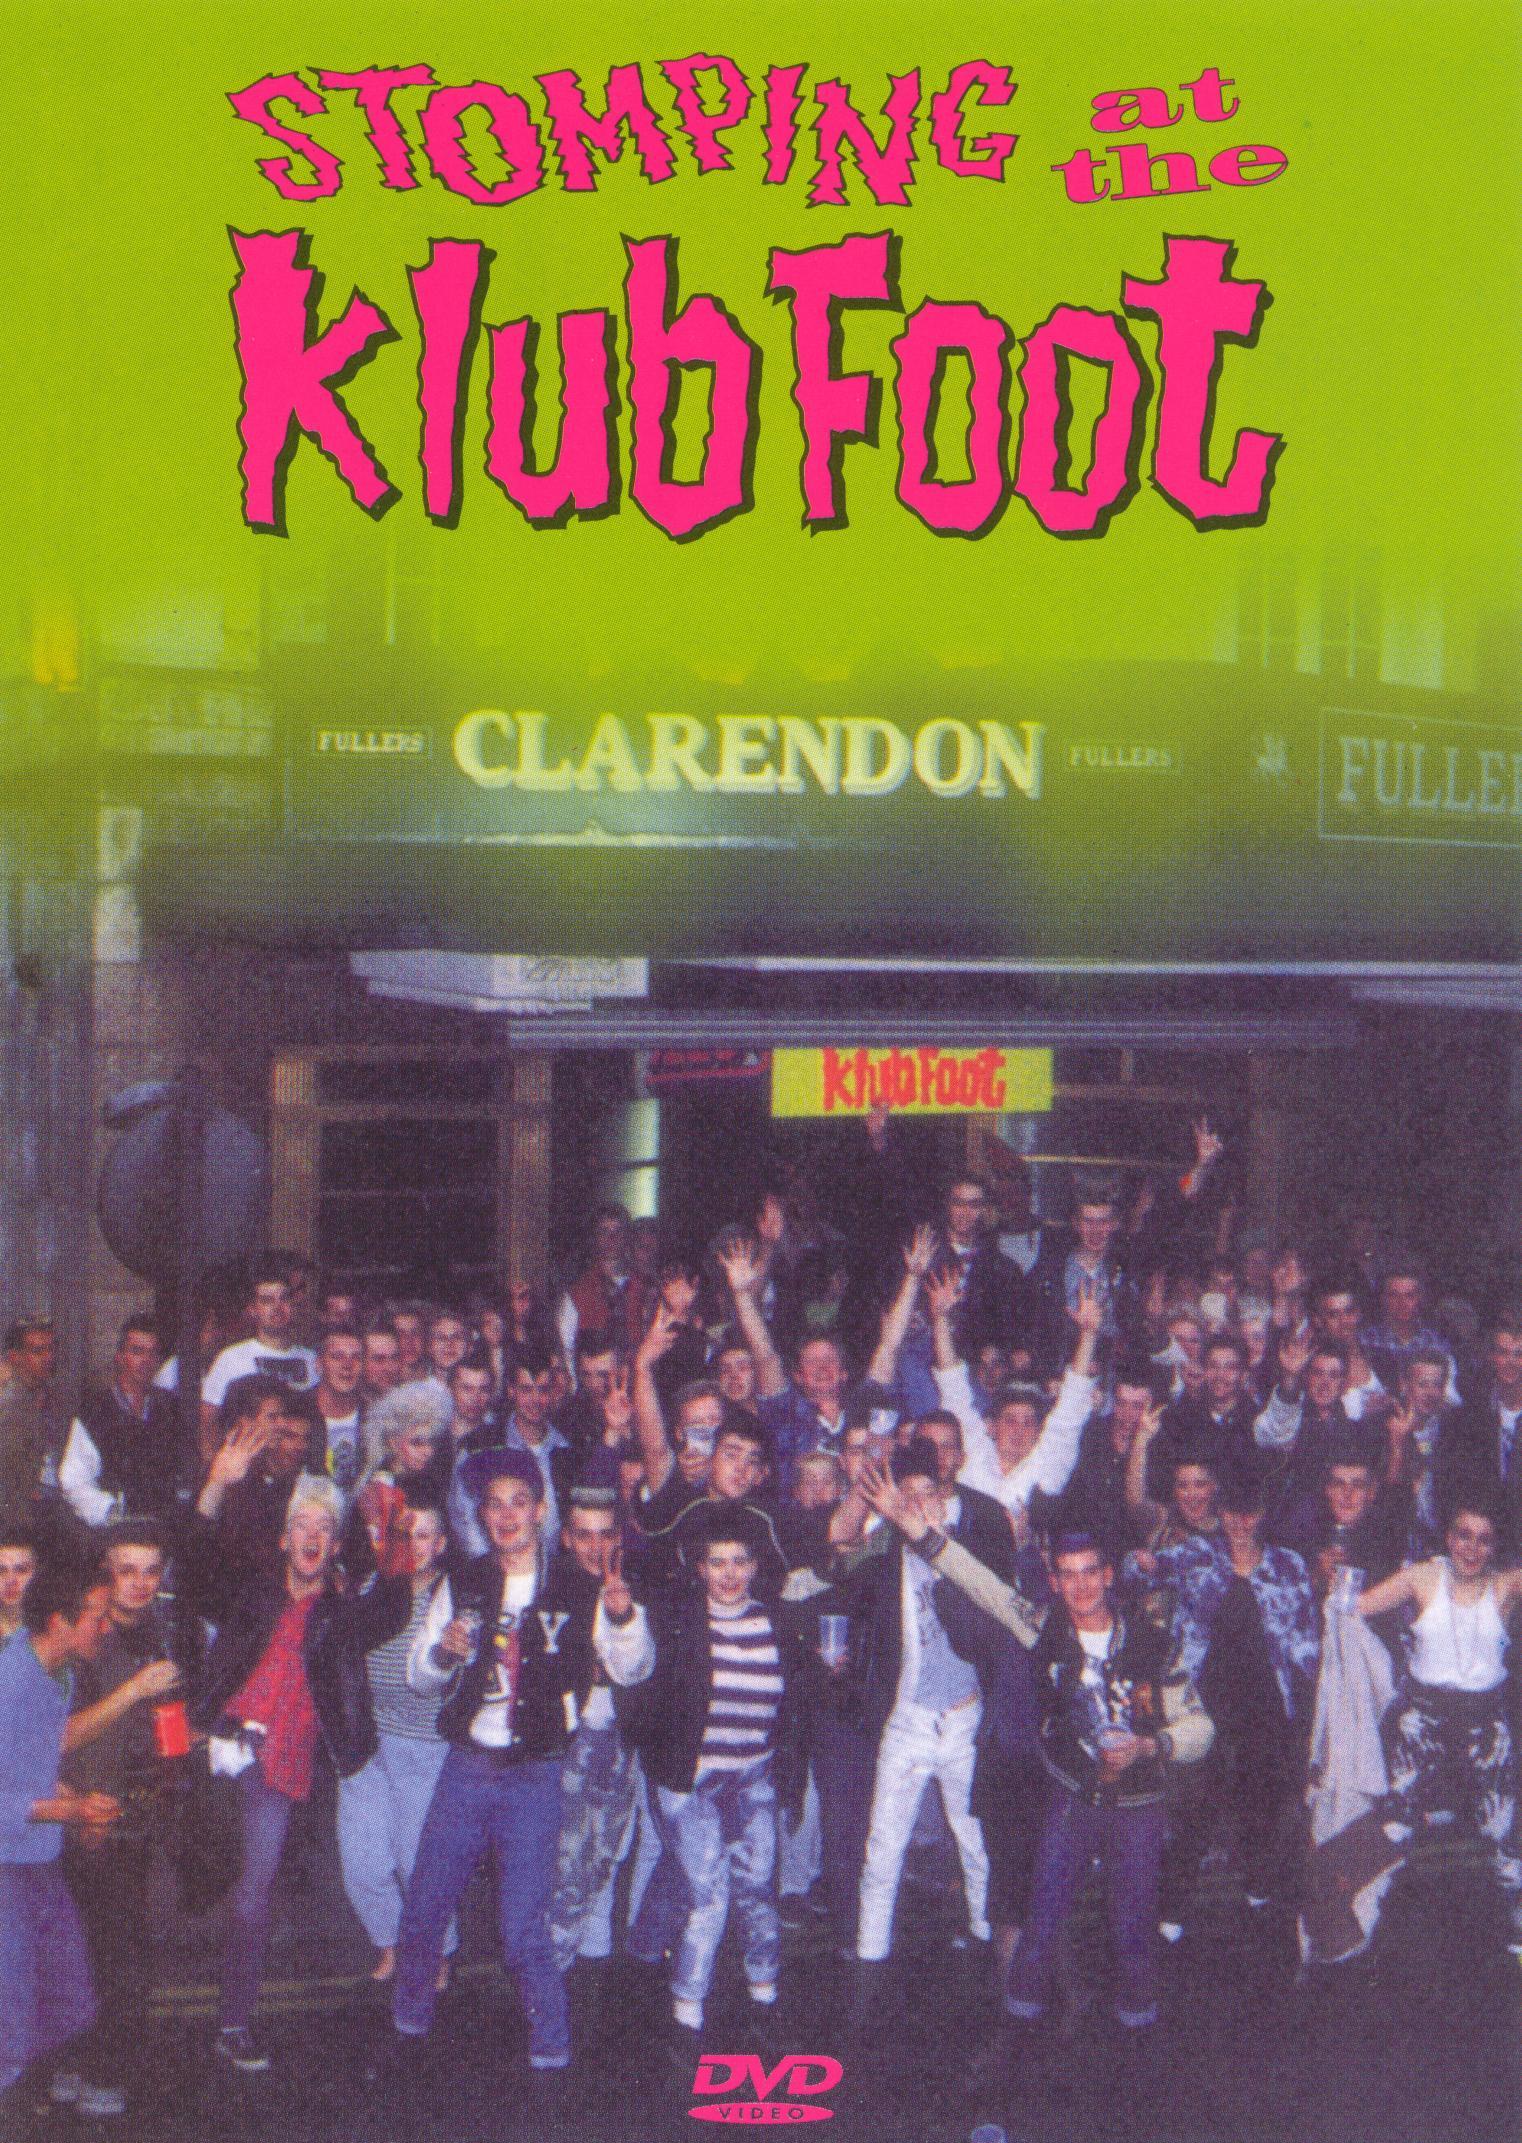 Stompin' at the Klub Foot